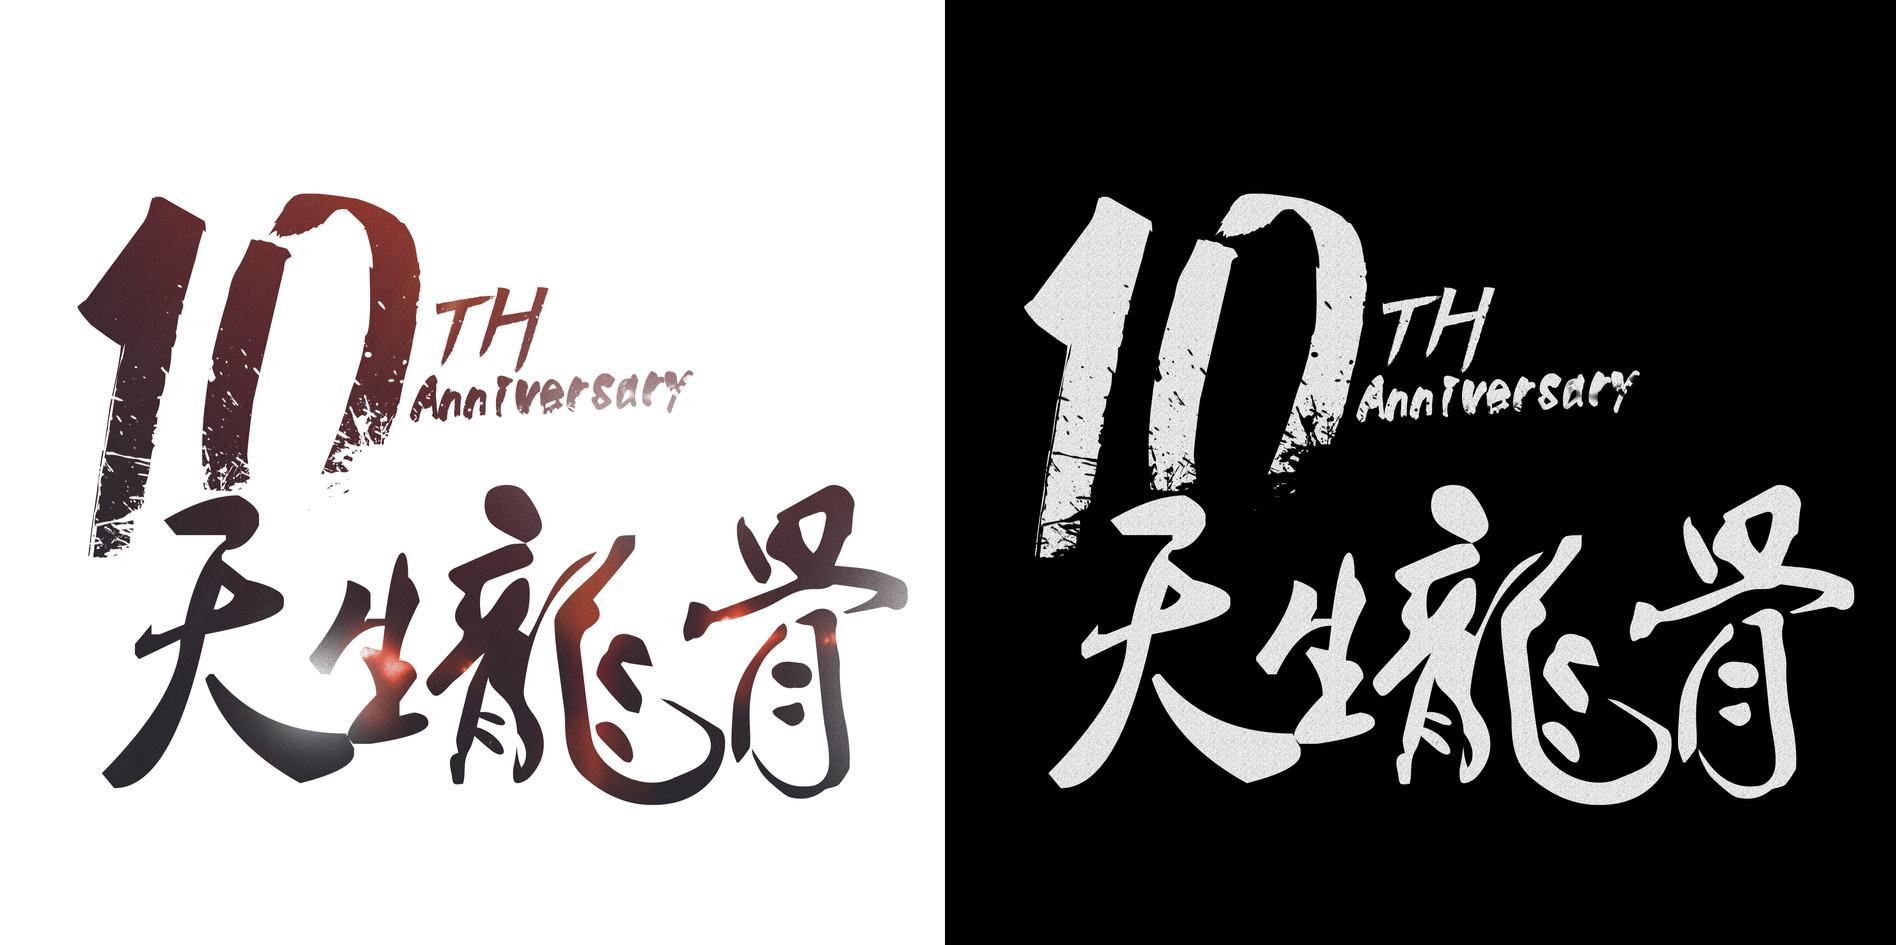 LOGO_龍之谷_10周年.jpg